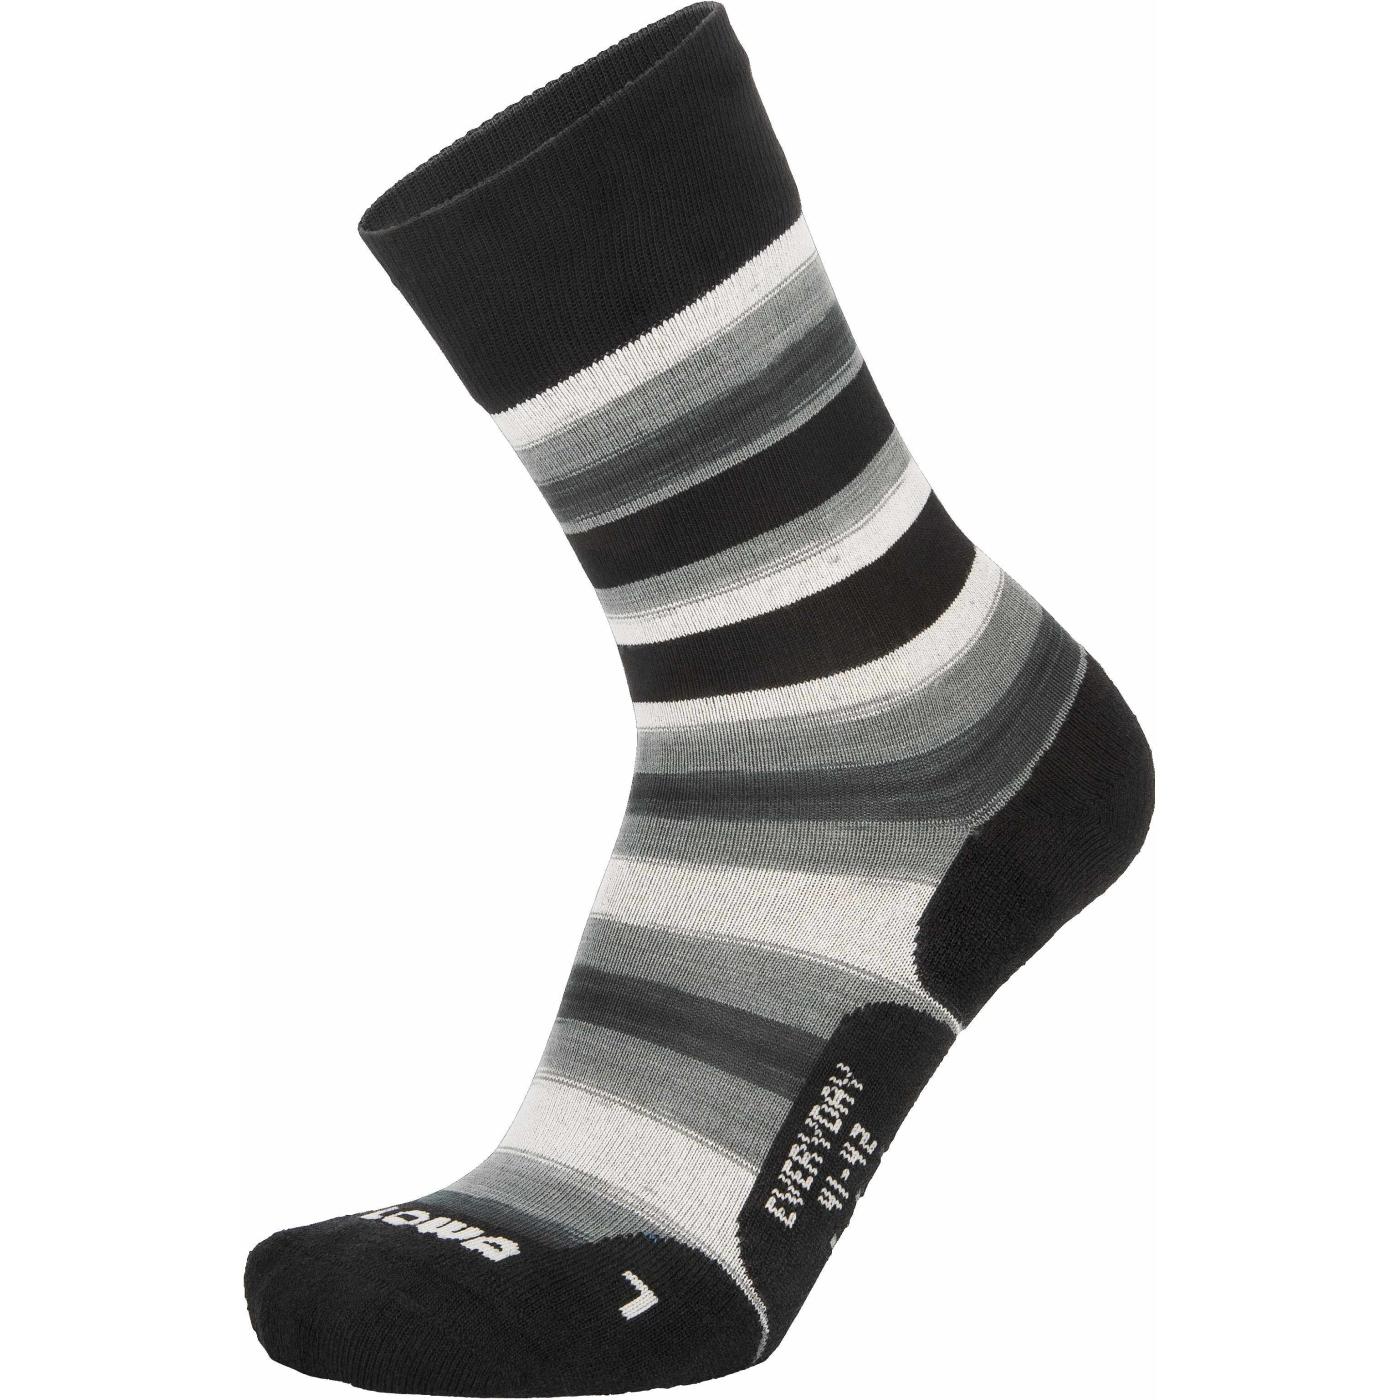 LOWA Everyday Socks - grey/black striped